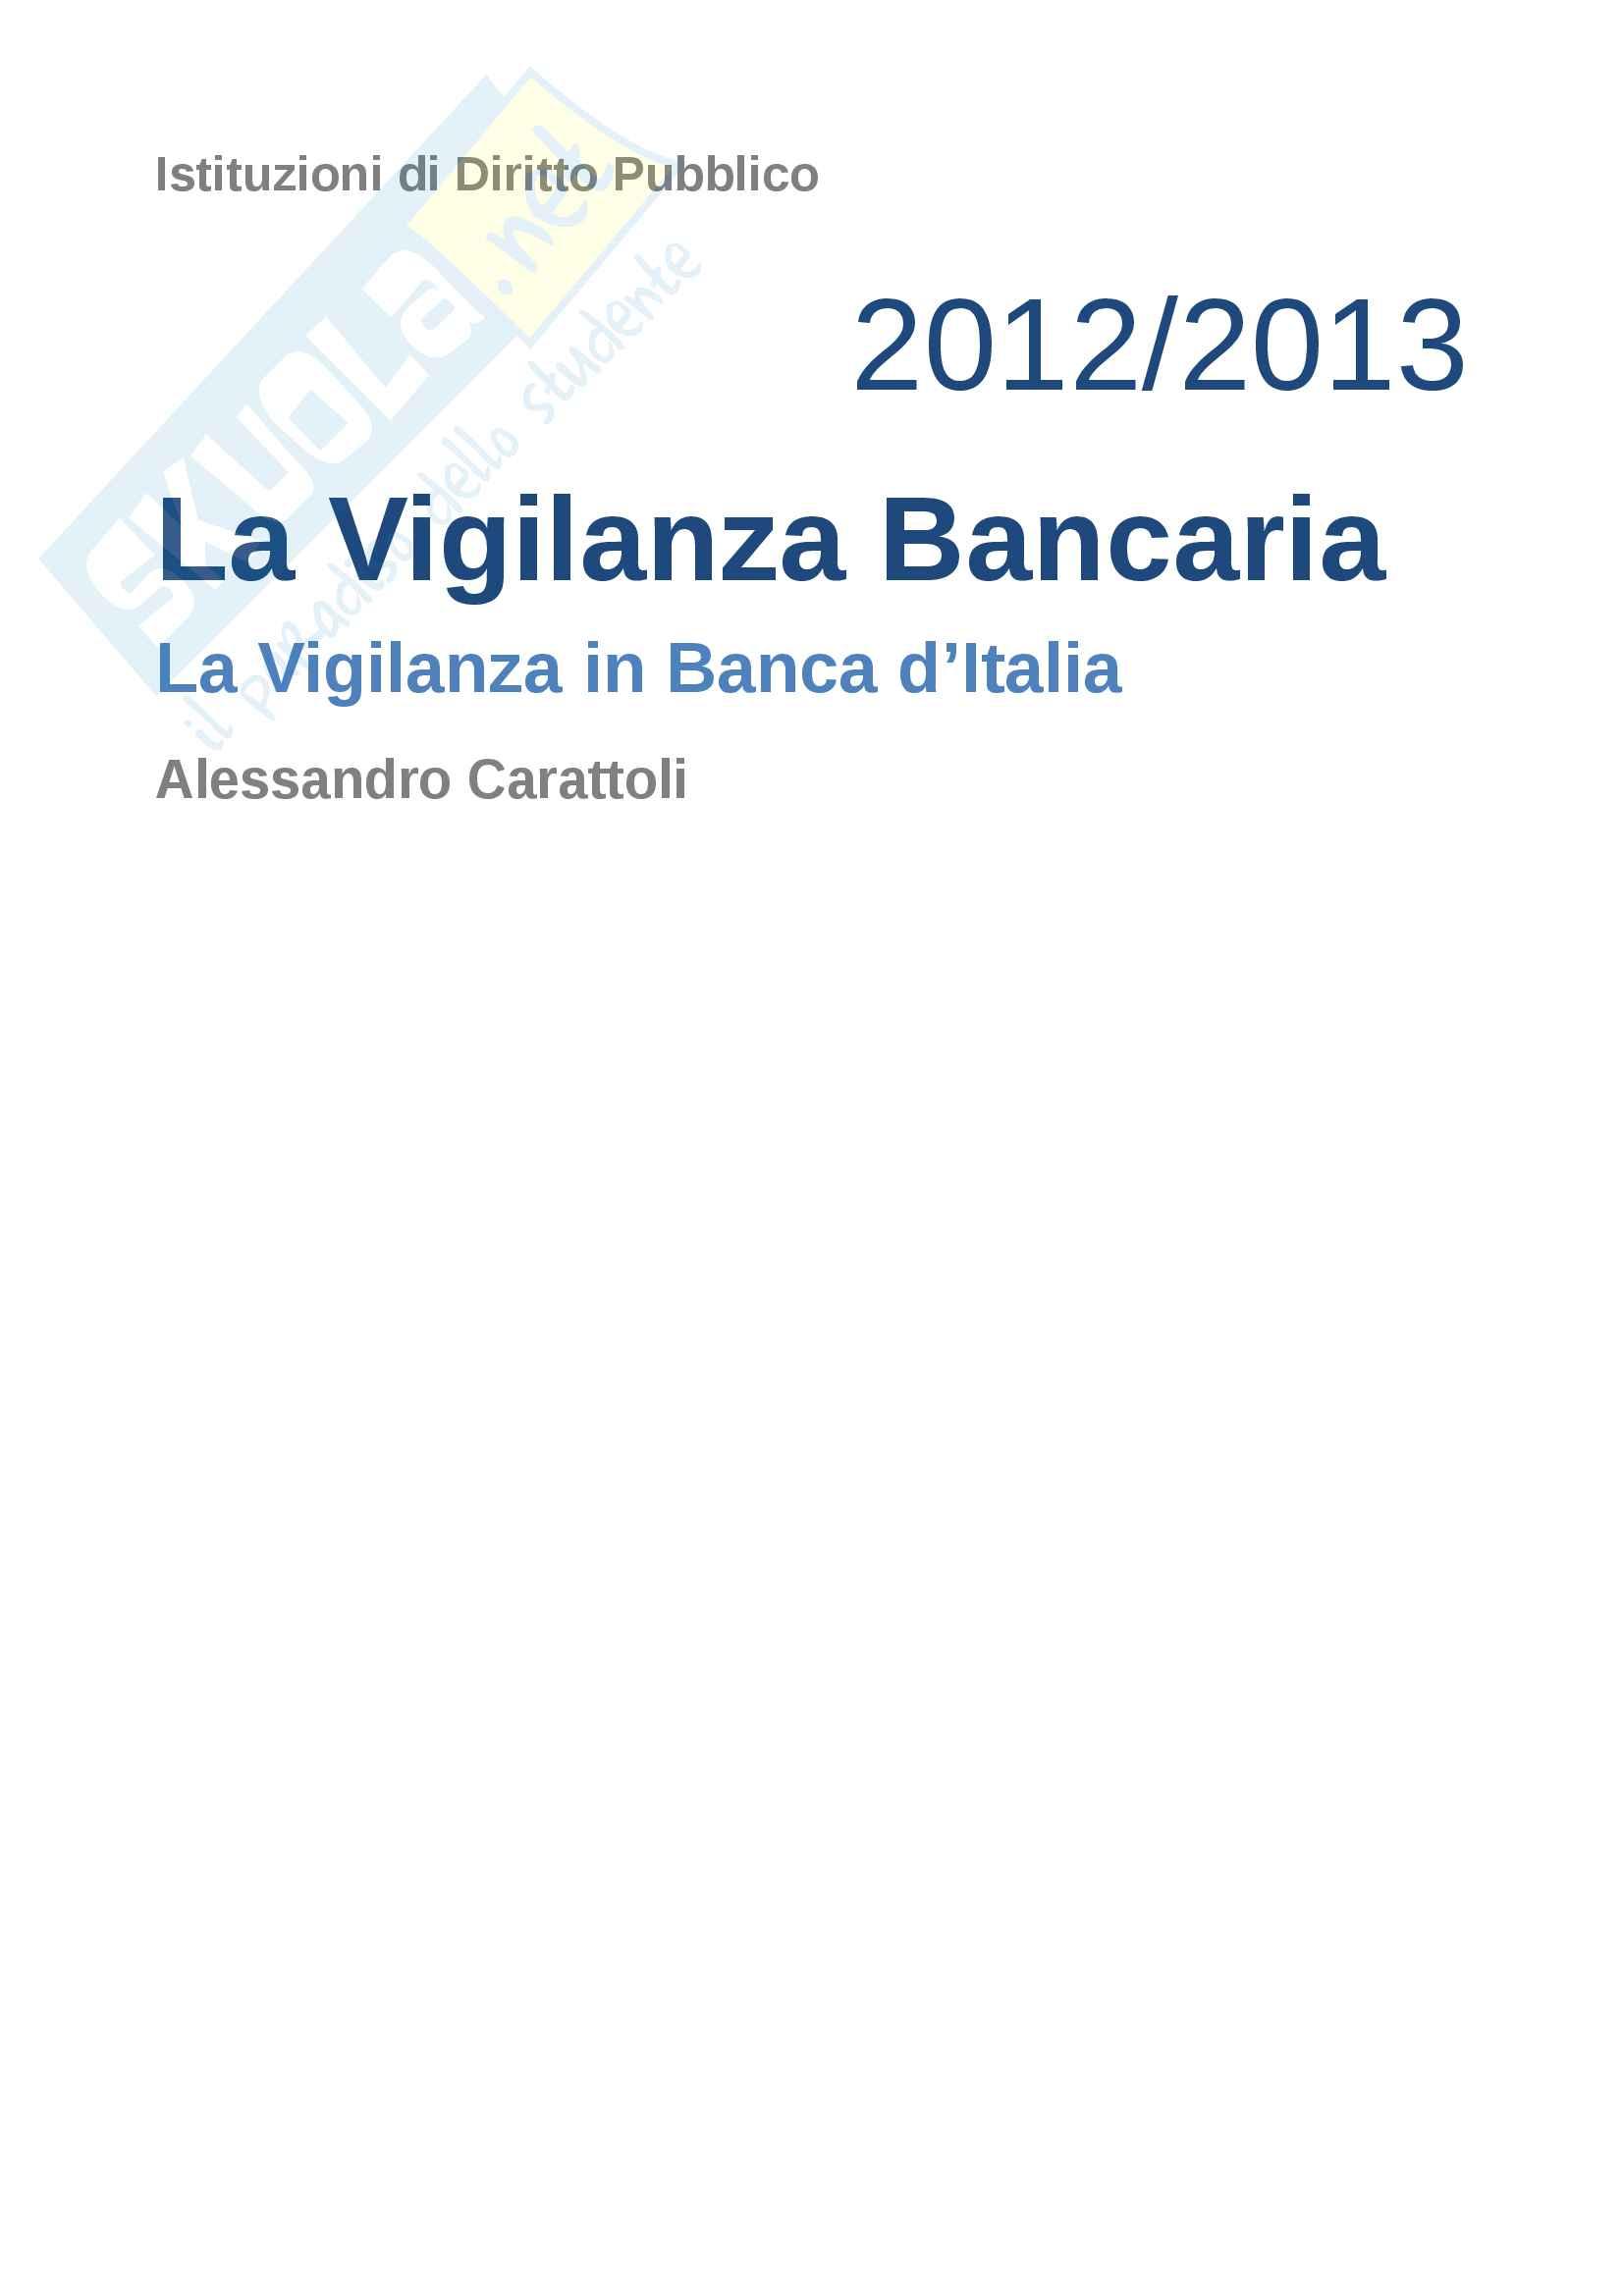 La vigilanza bancaria, tesina istituzioni di diritto pubblico, miccù